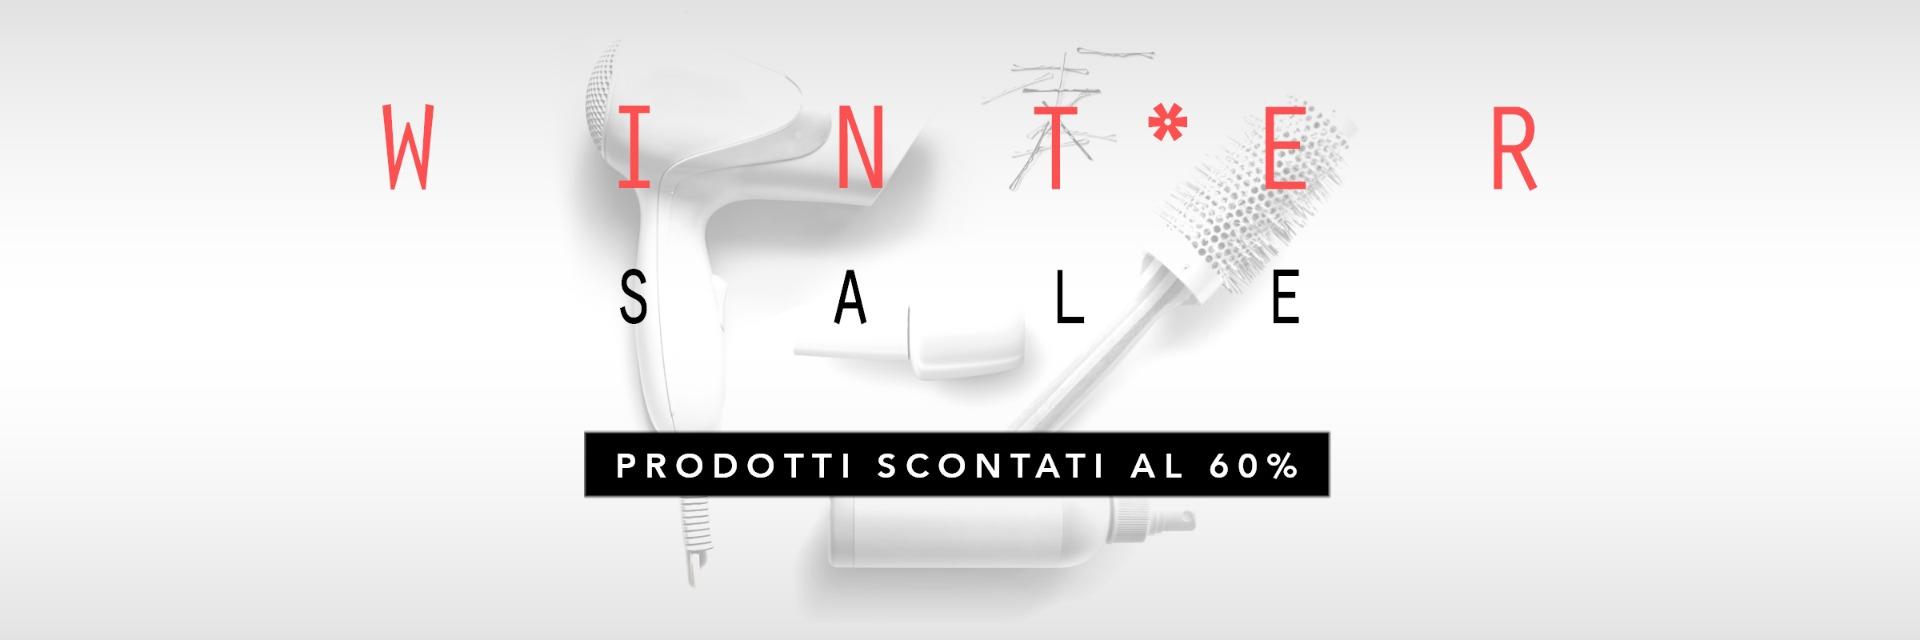 TRILAB Winter Sale 2021 - Prodotti Scontati fino al 60%